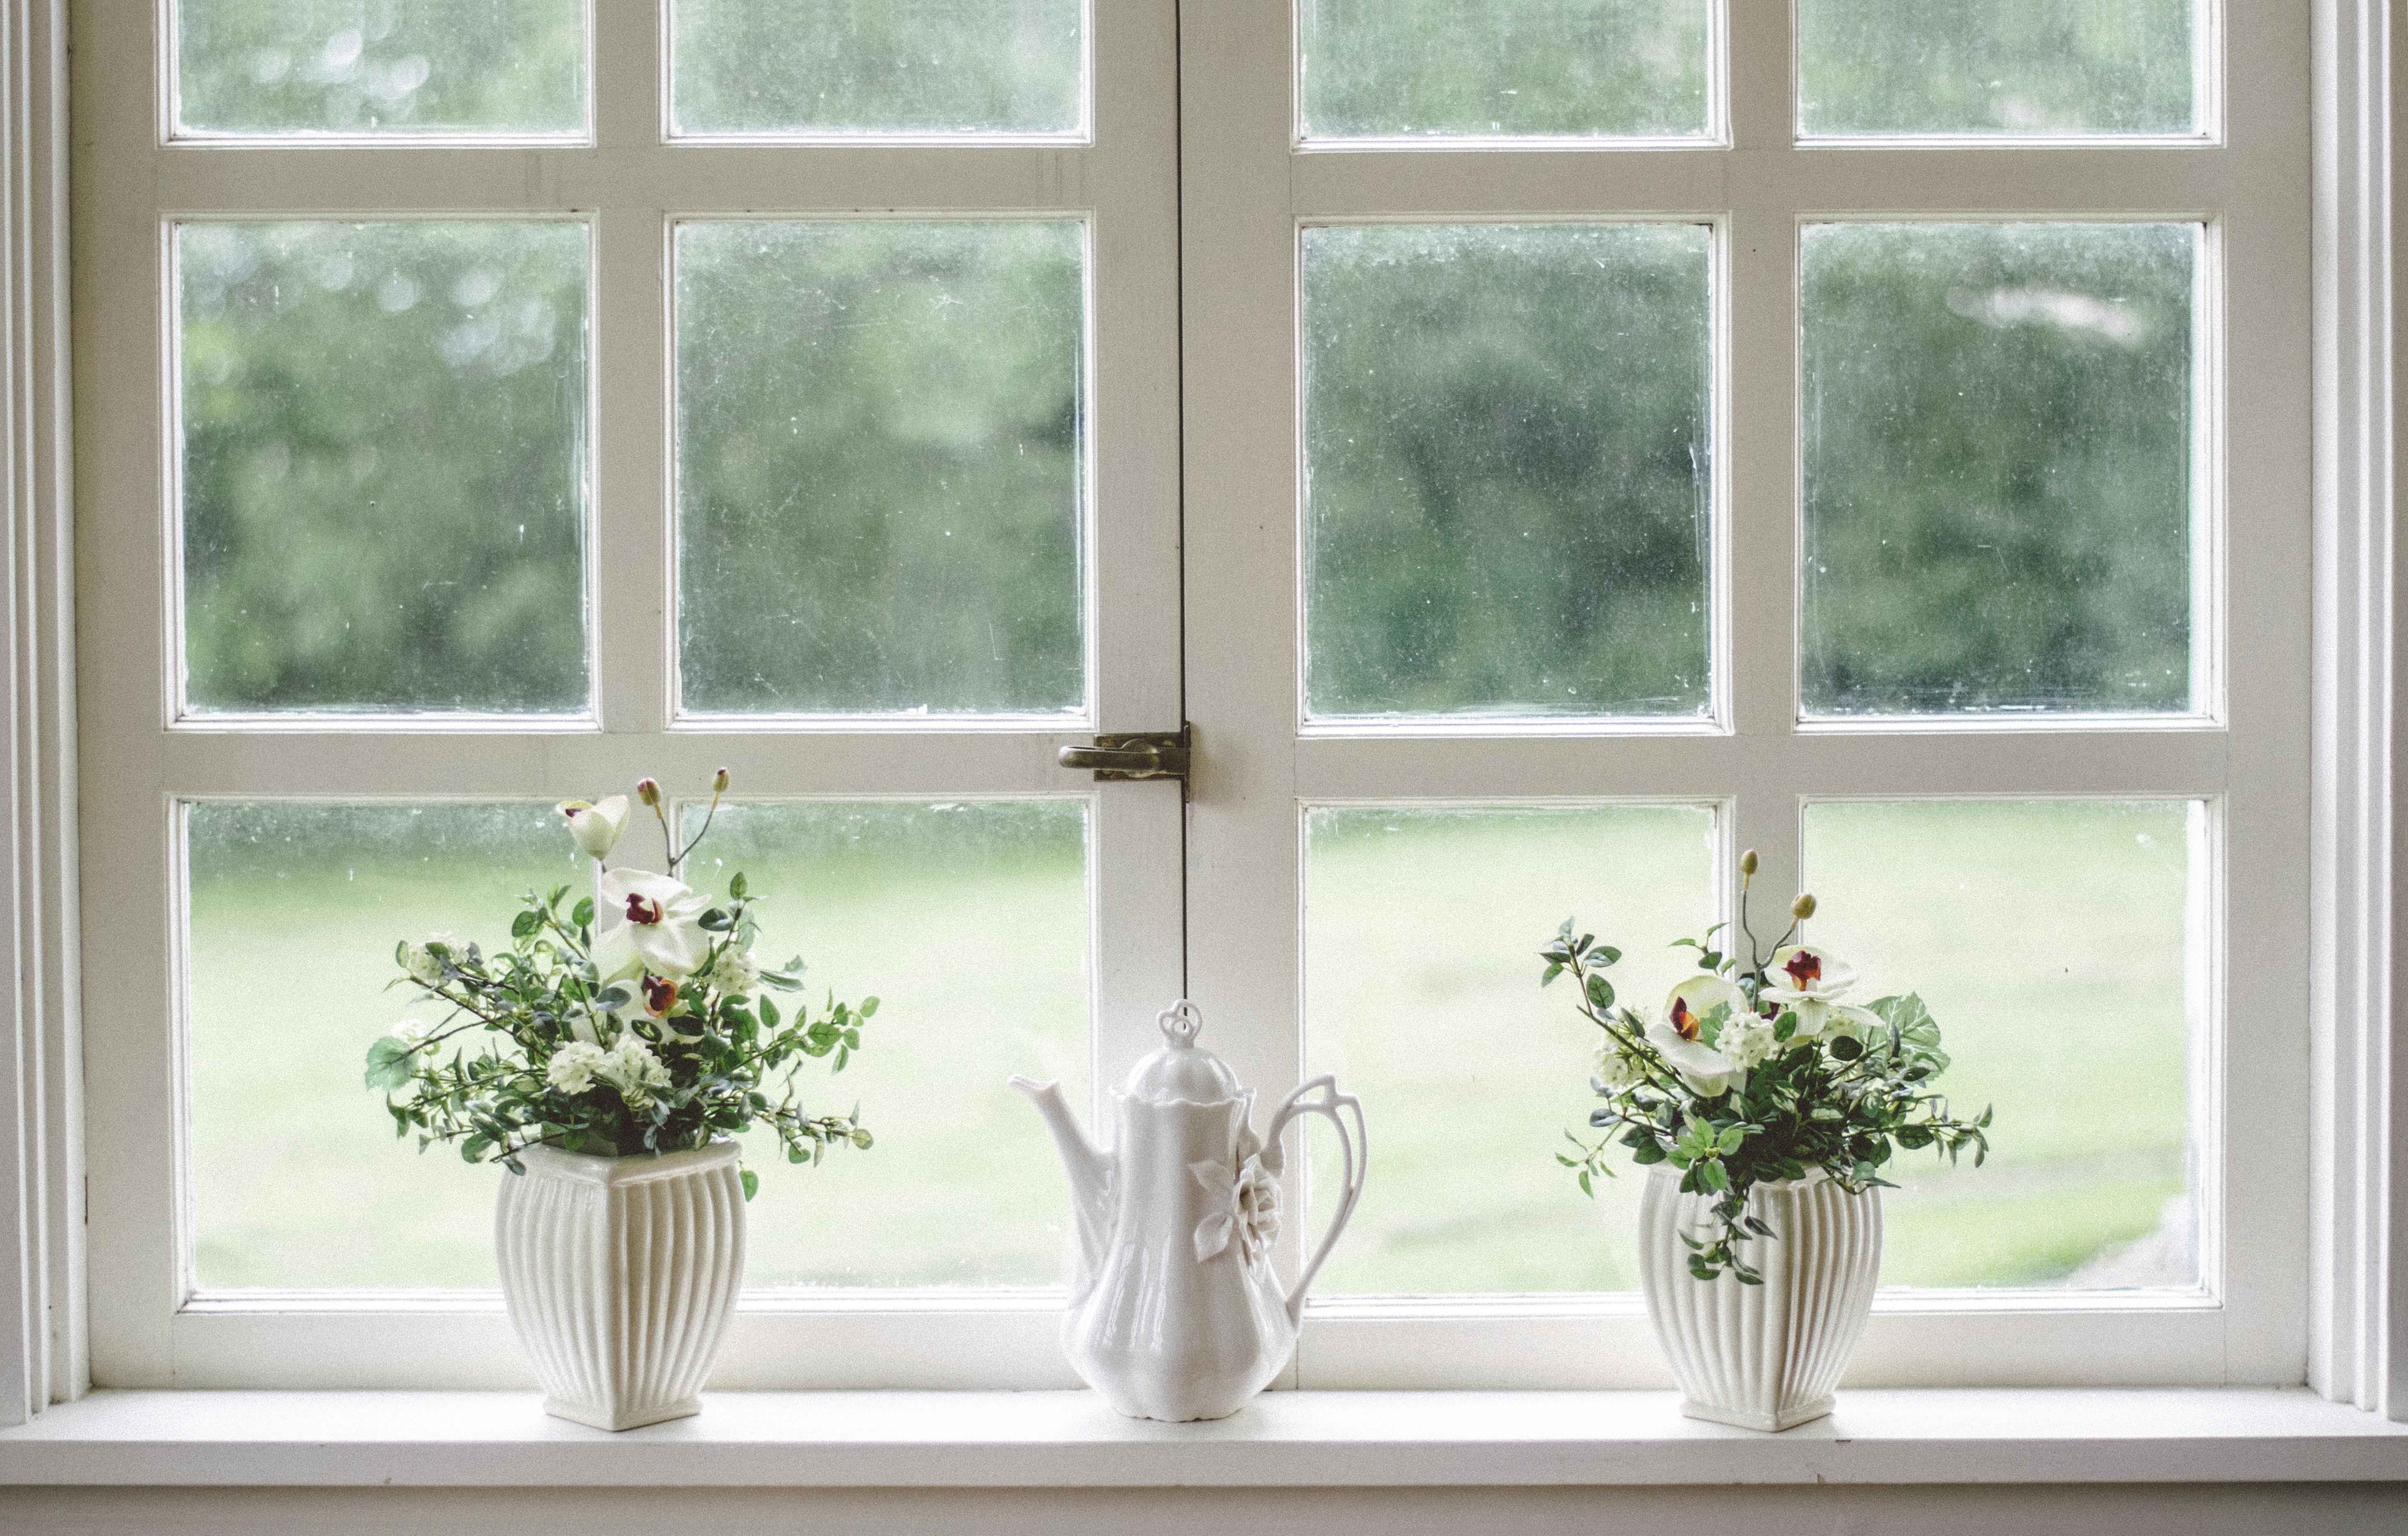 Fenêtre blanche avec pots de fleurs